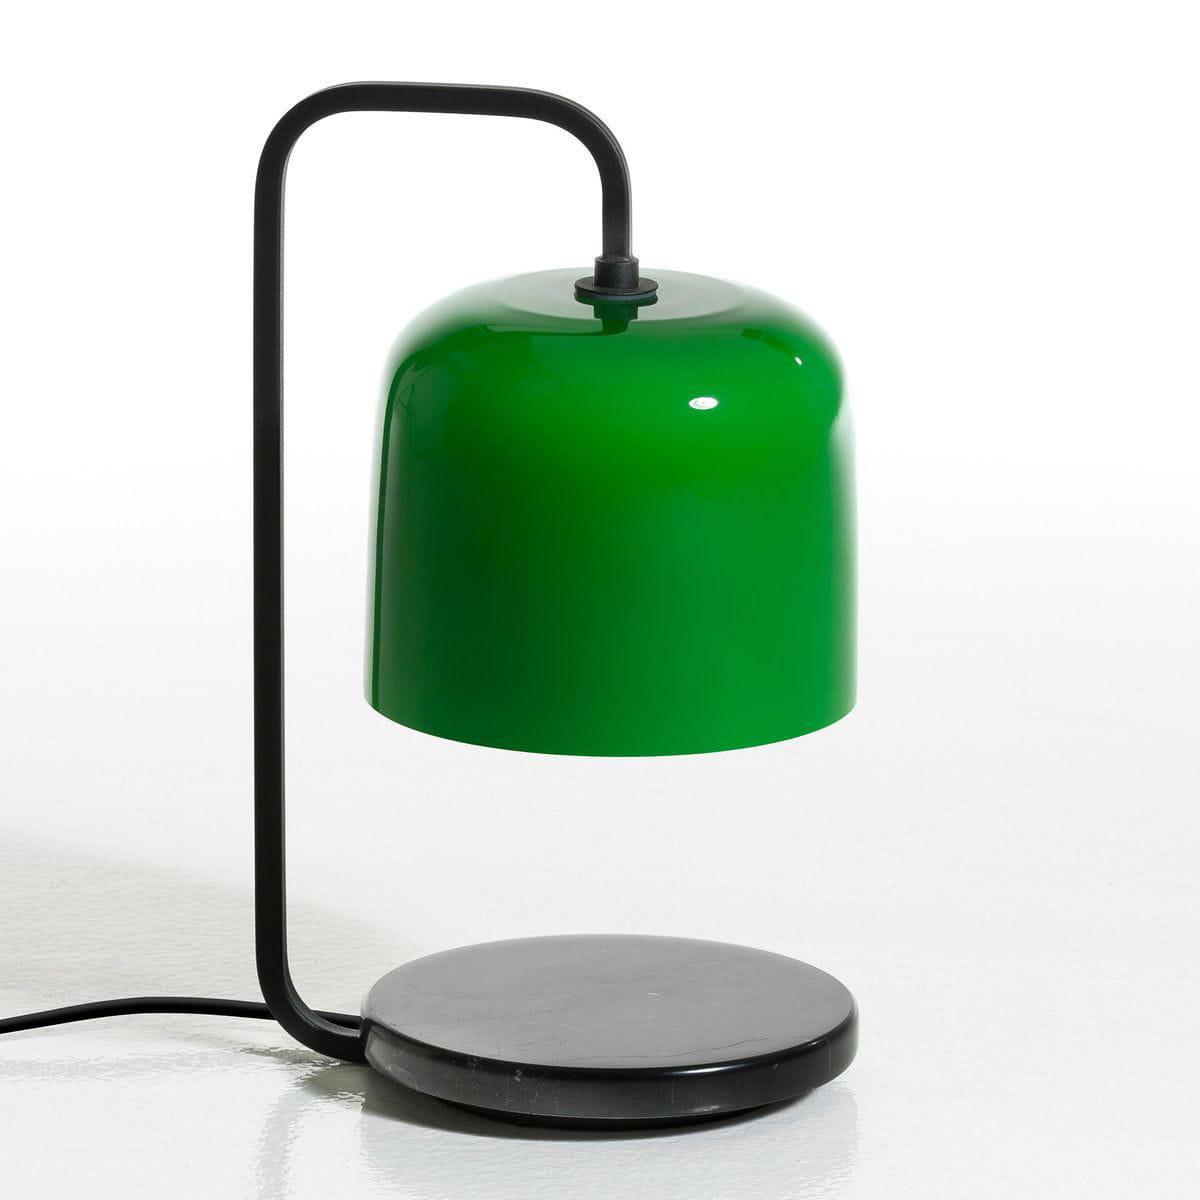 la lampe vert bouteille. Black Bedroom Furniture Sets. Home Design Ideas